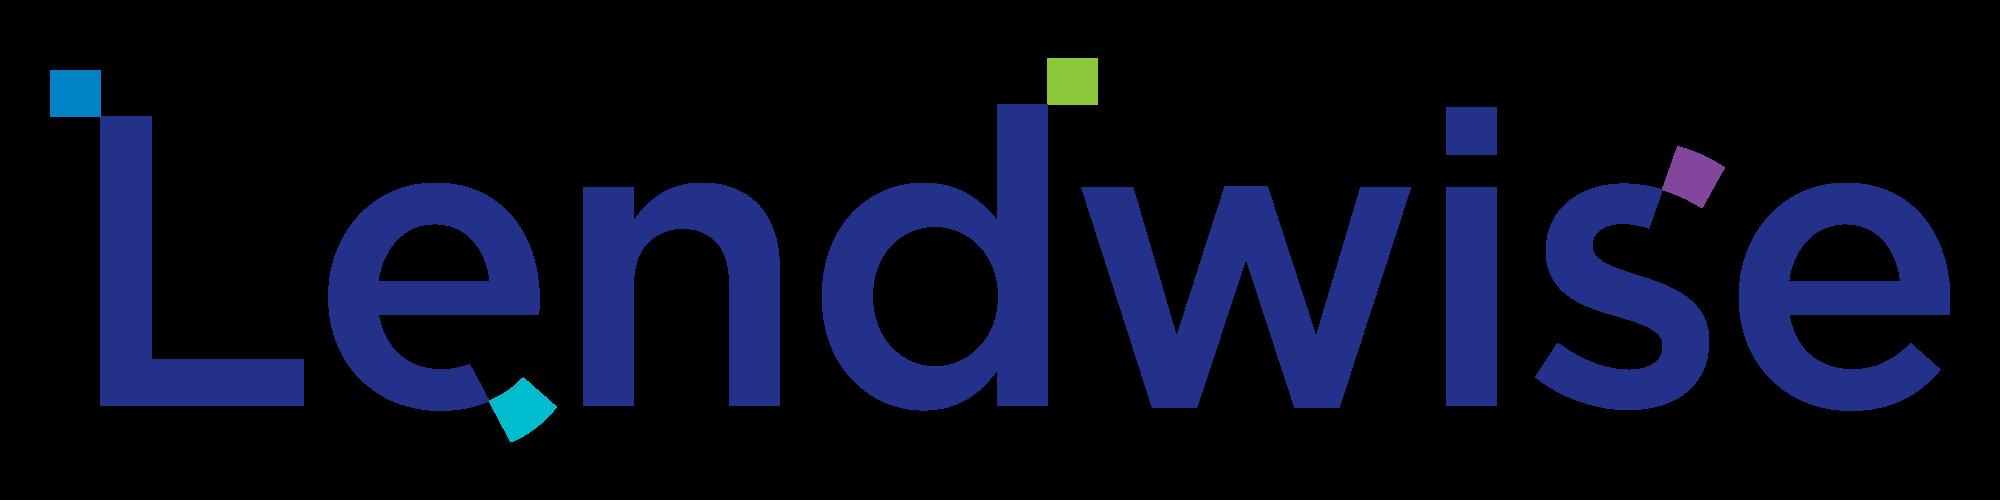 Lendwise Funding